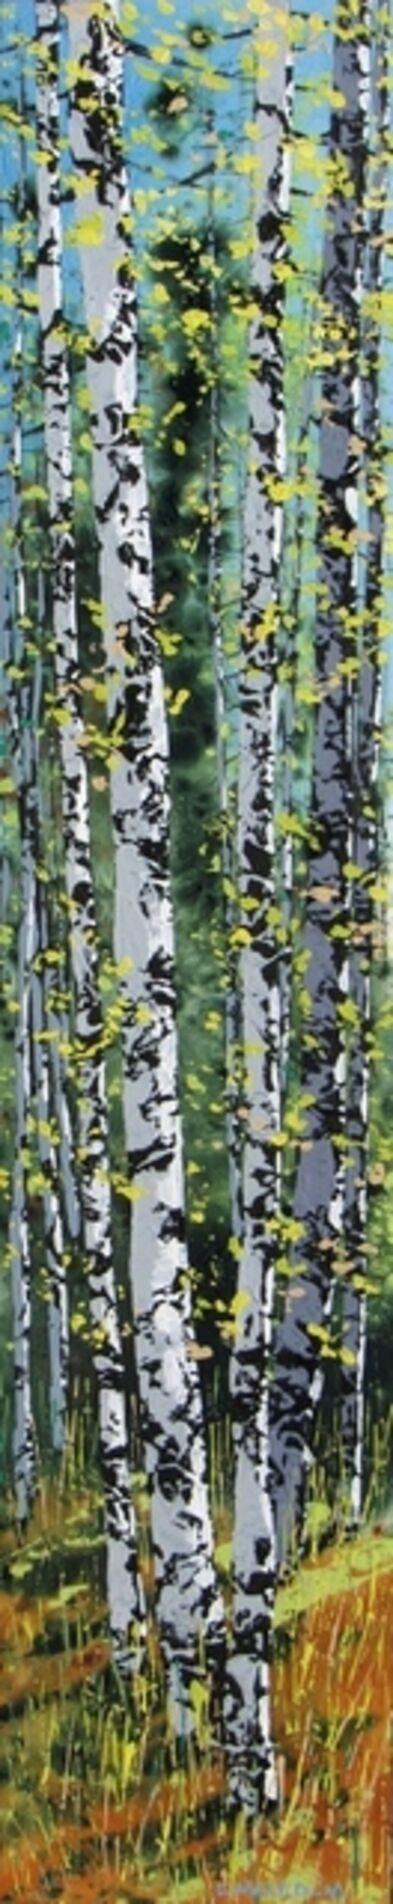 Carole Malcolm, 'Treescape 10219', 2019